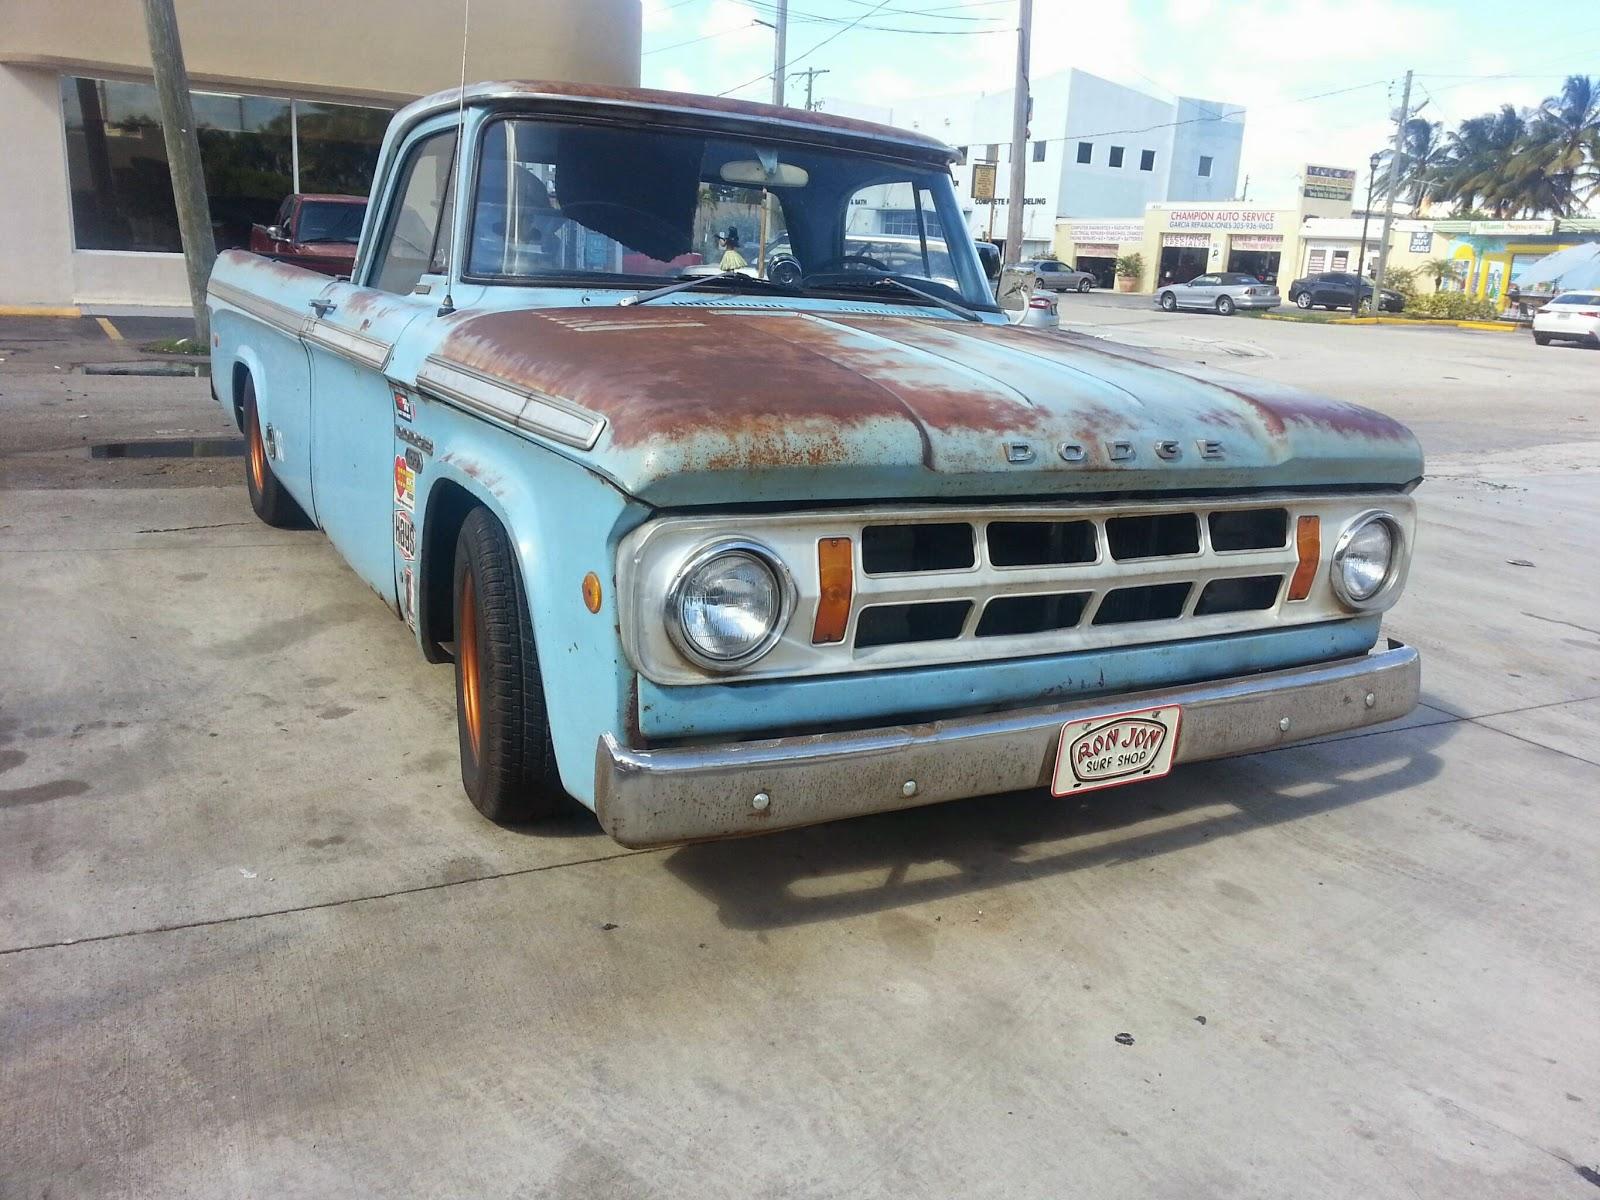 1968 Dodge D100 Rat Rod Martins Dream Garage Pick Up